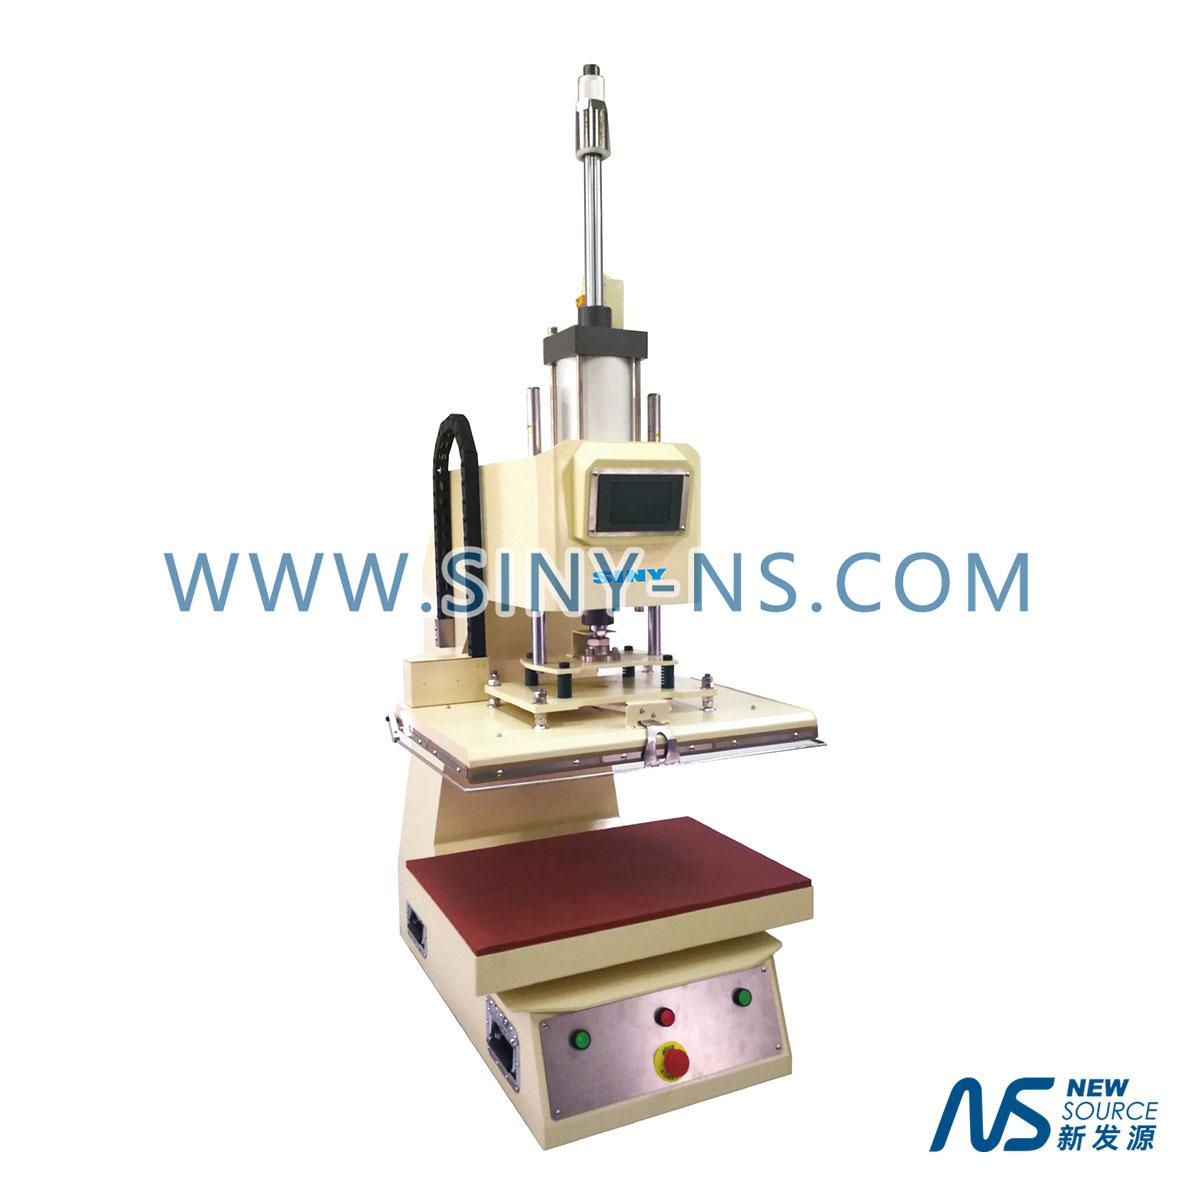 平面热压机-SLC-600